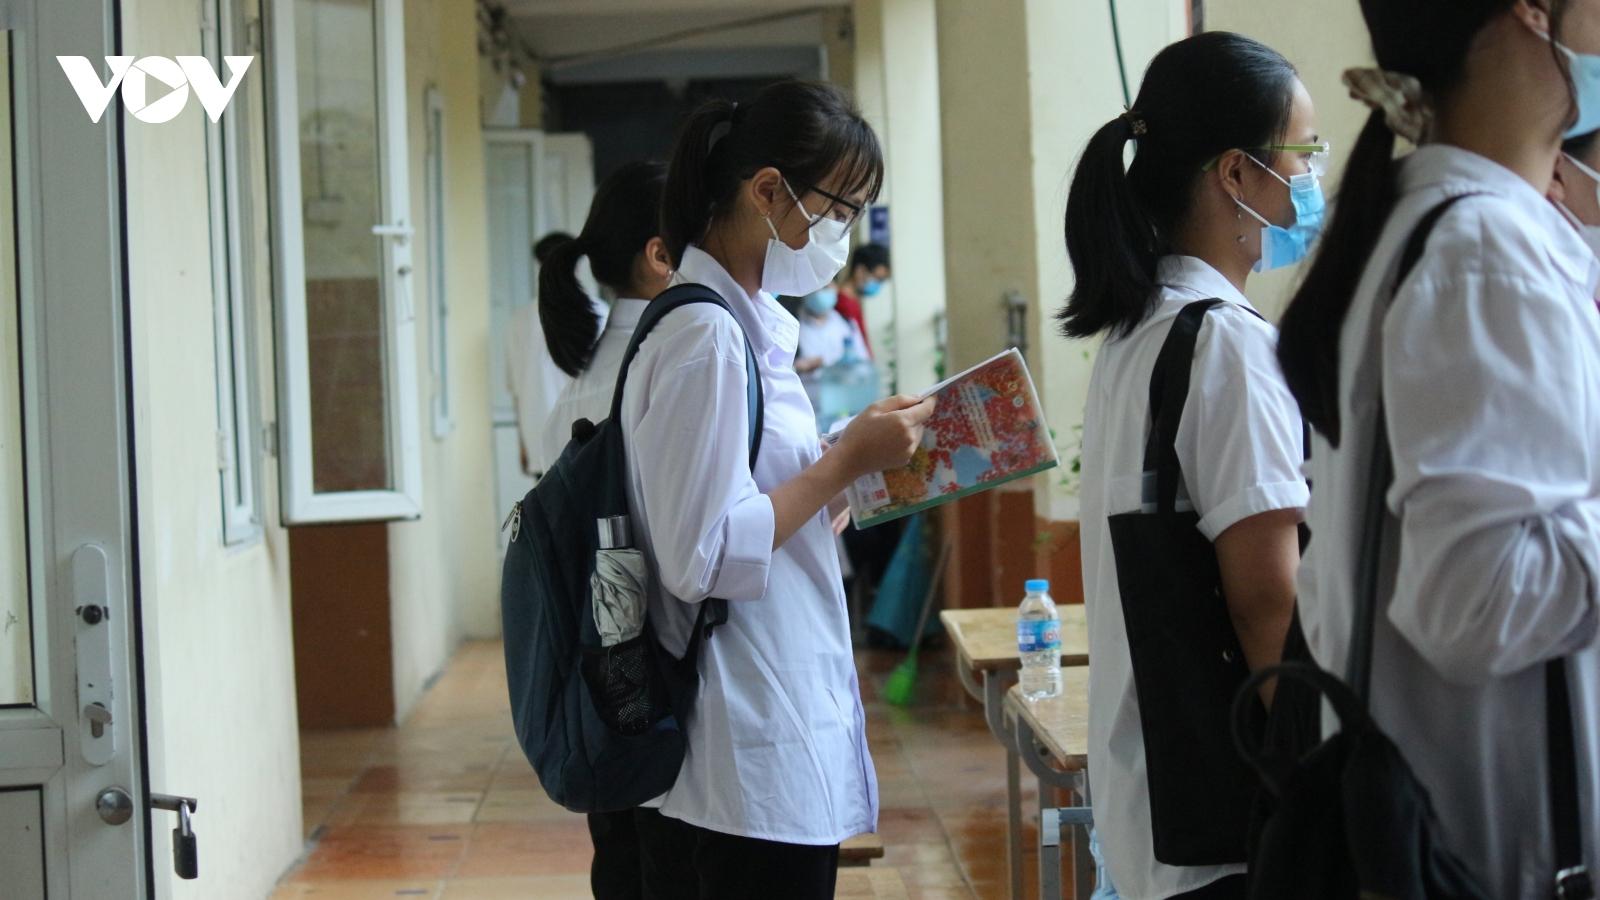 Đề thi tiếng Anh vào lớp 10 tại Hà Nội